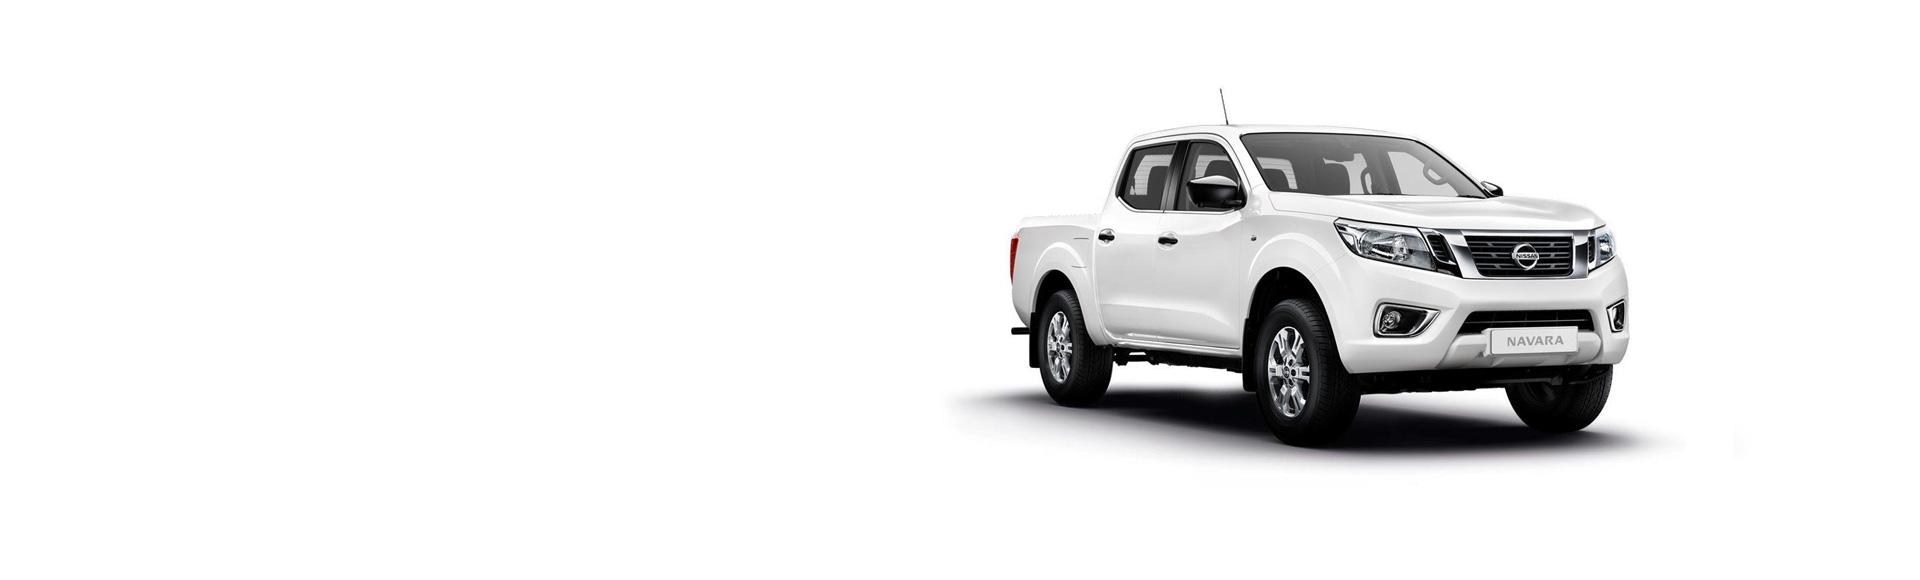 New Navara Acenta Double Cab